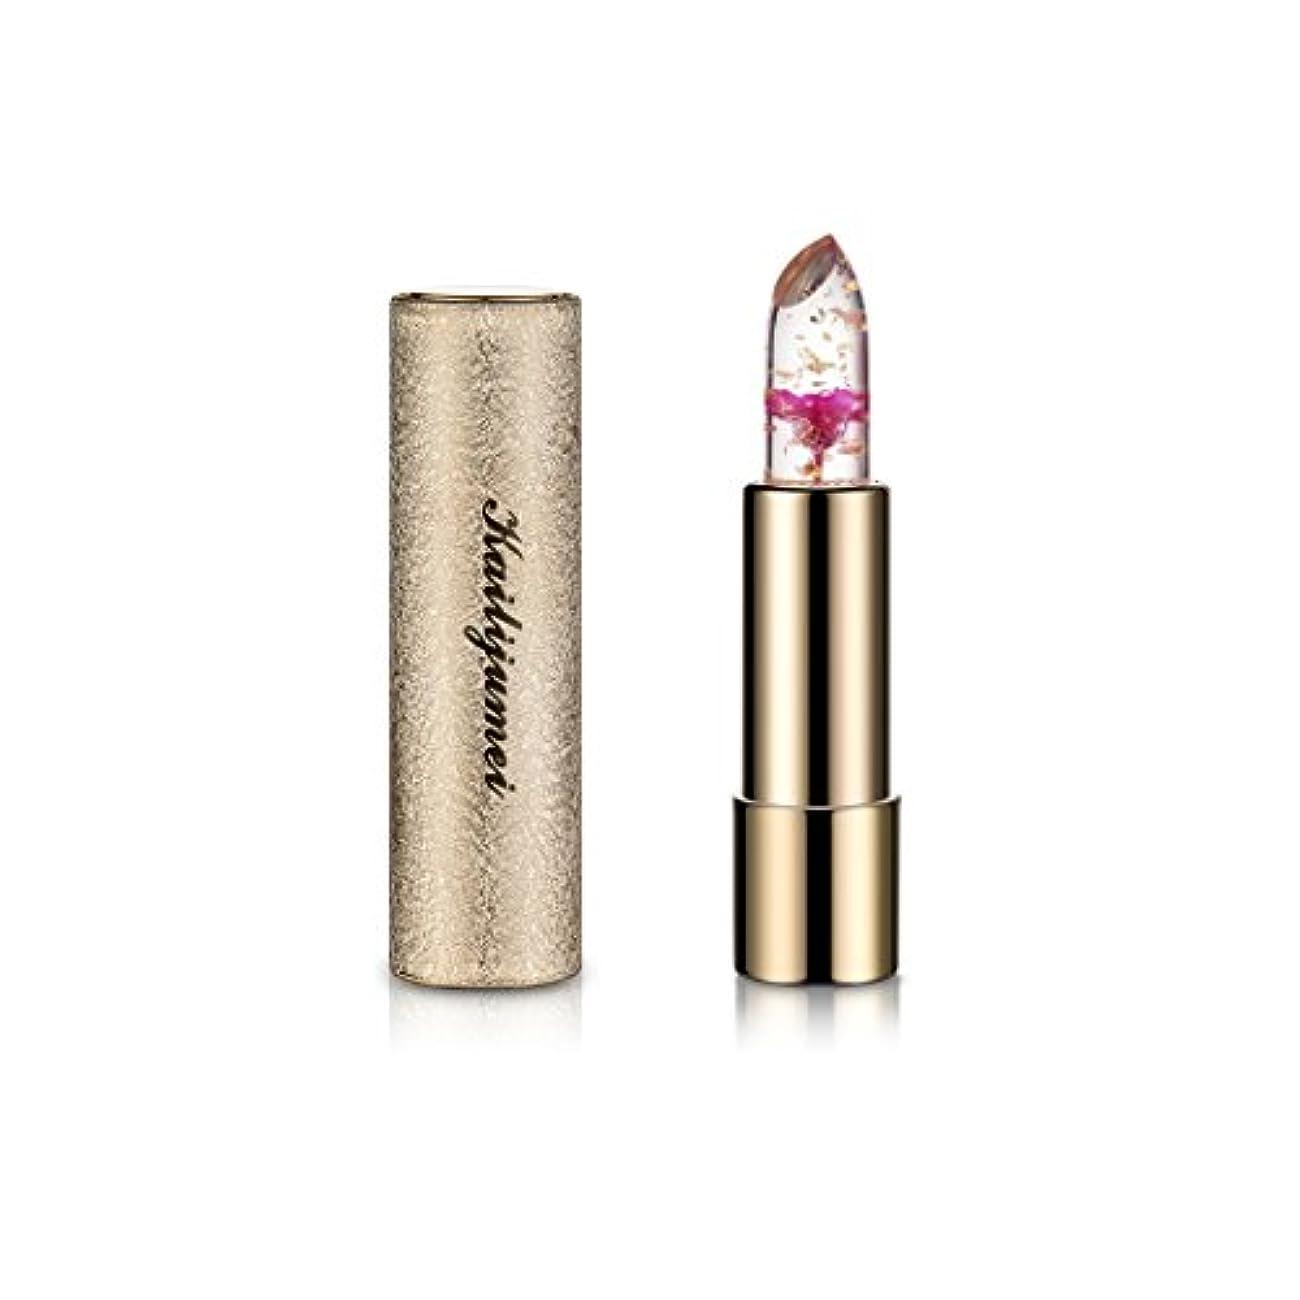 衝突コース心理的流日本限定モデル 新作 kailijumei magic color lip 日本正規品 マジックカラー 唇の温度で色が変化するリップ 口紅 リップバーム カイリジュメイ ドライフラワー お花 (FLAME RED(レッド))